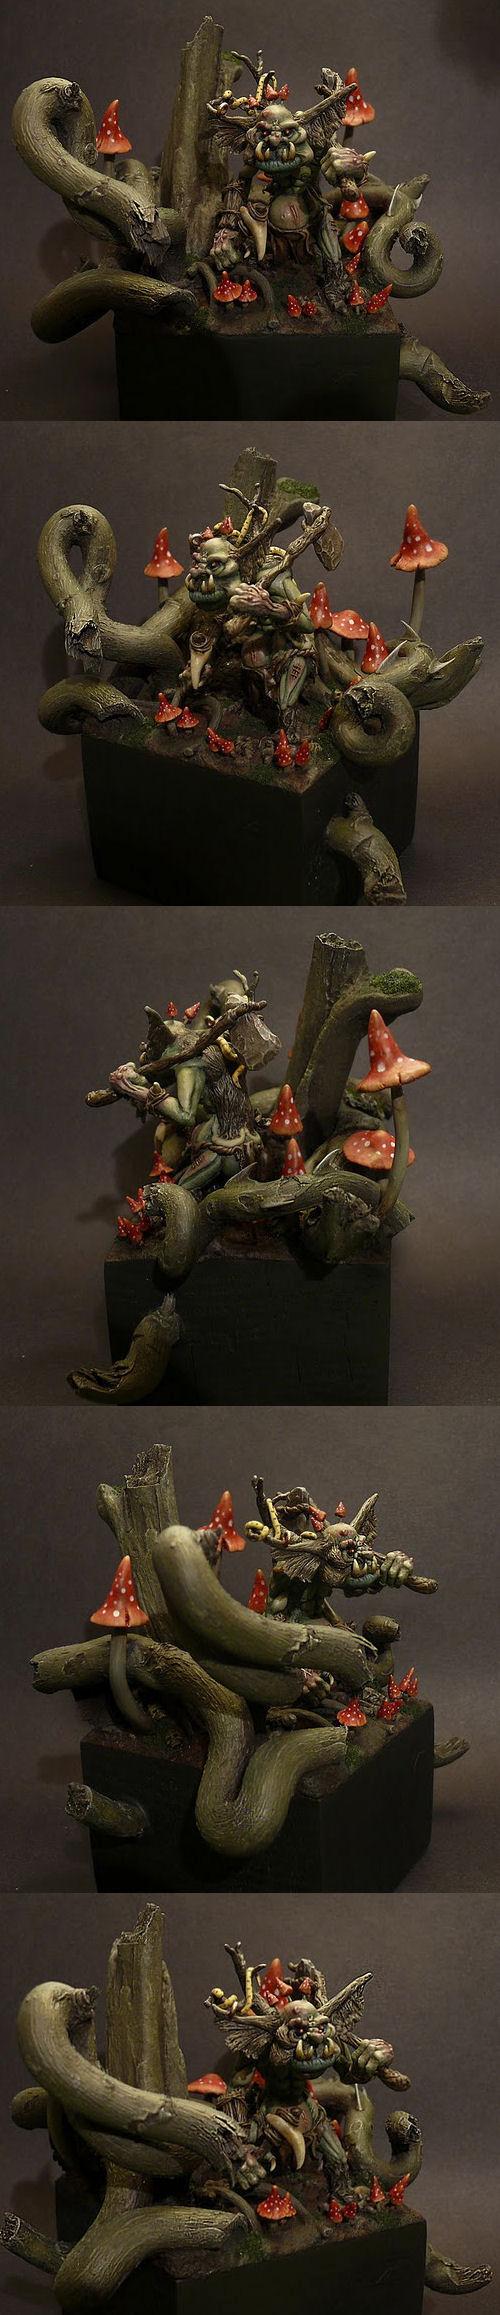 Diorama, Mushrooms, Troll, Warhammer Fantasy